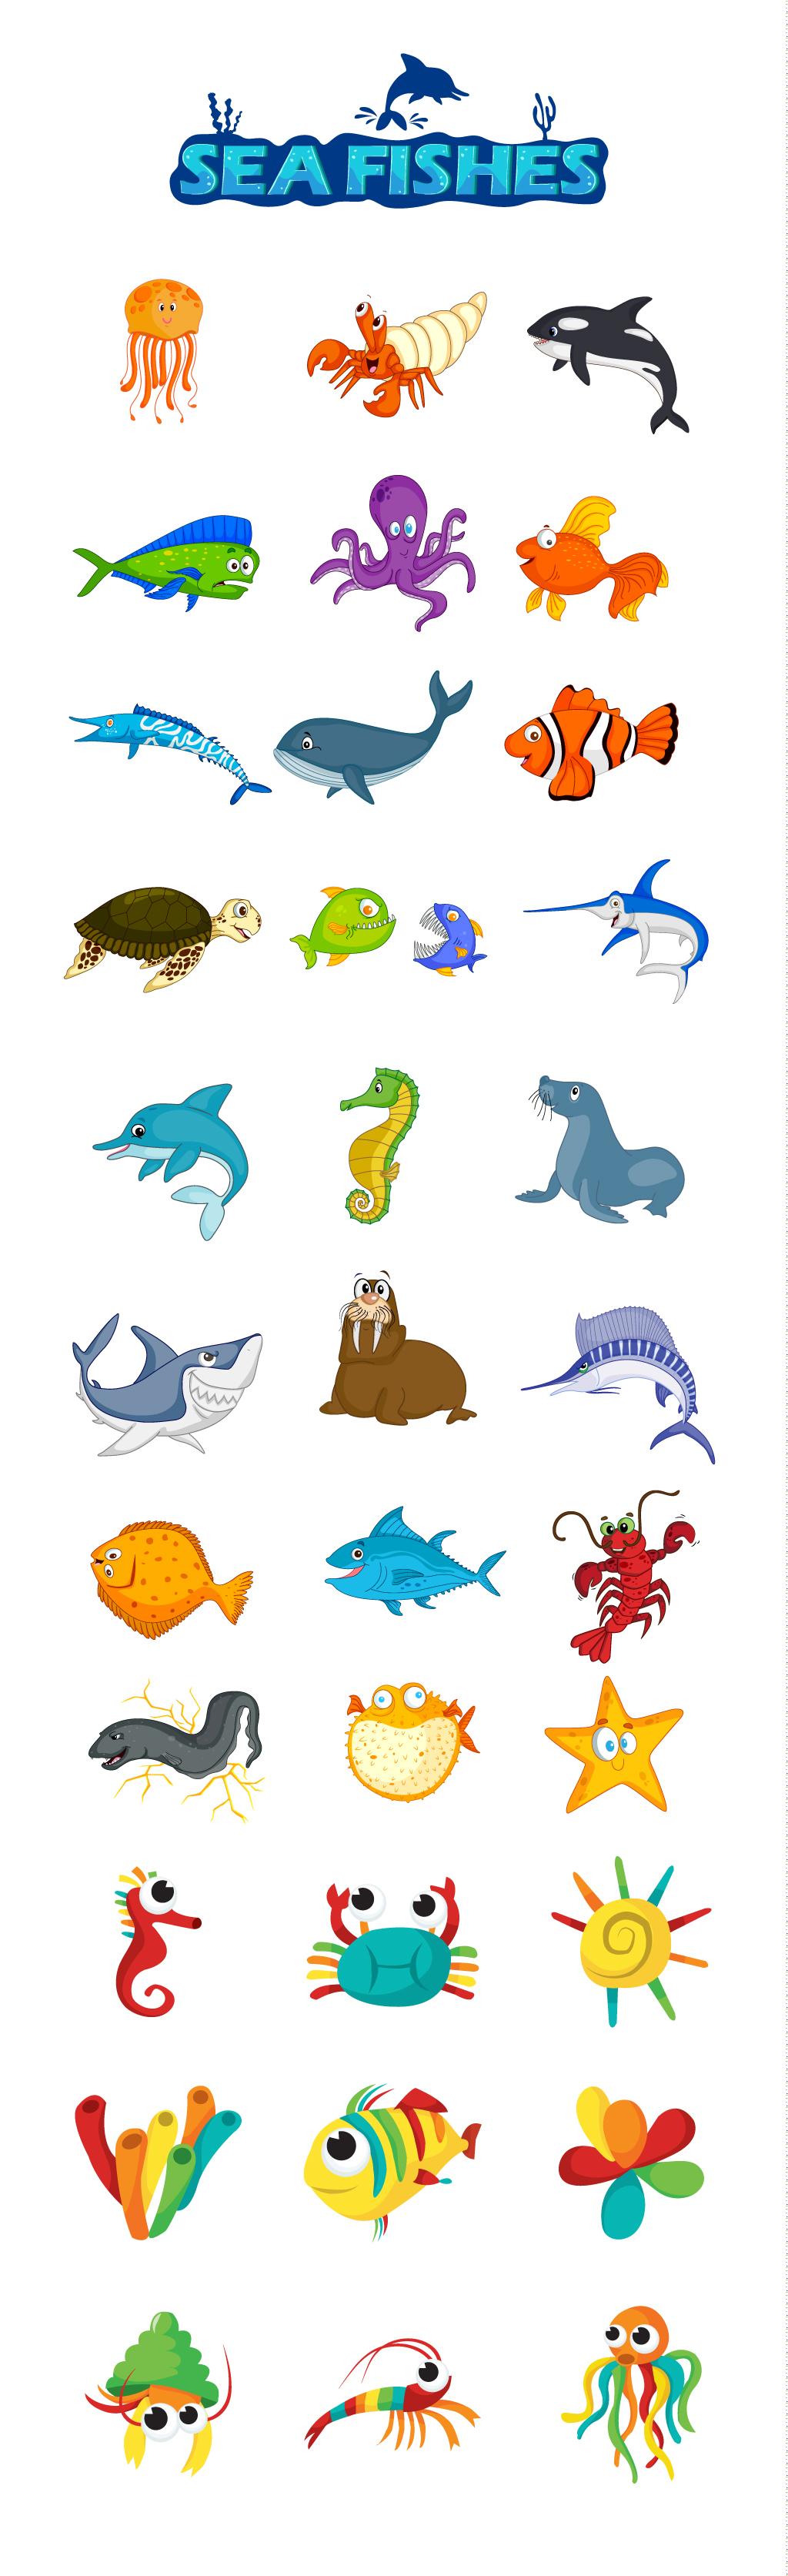 海报设计素材海星海洋动物海马热带鱼螃蟹